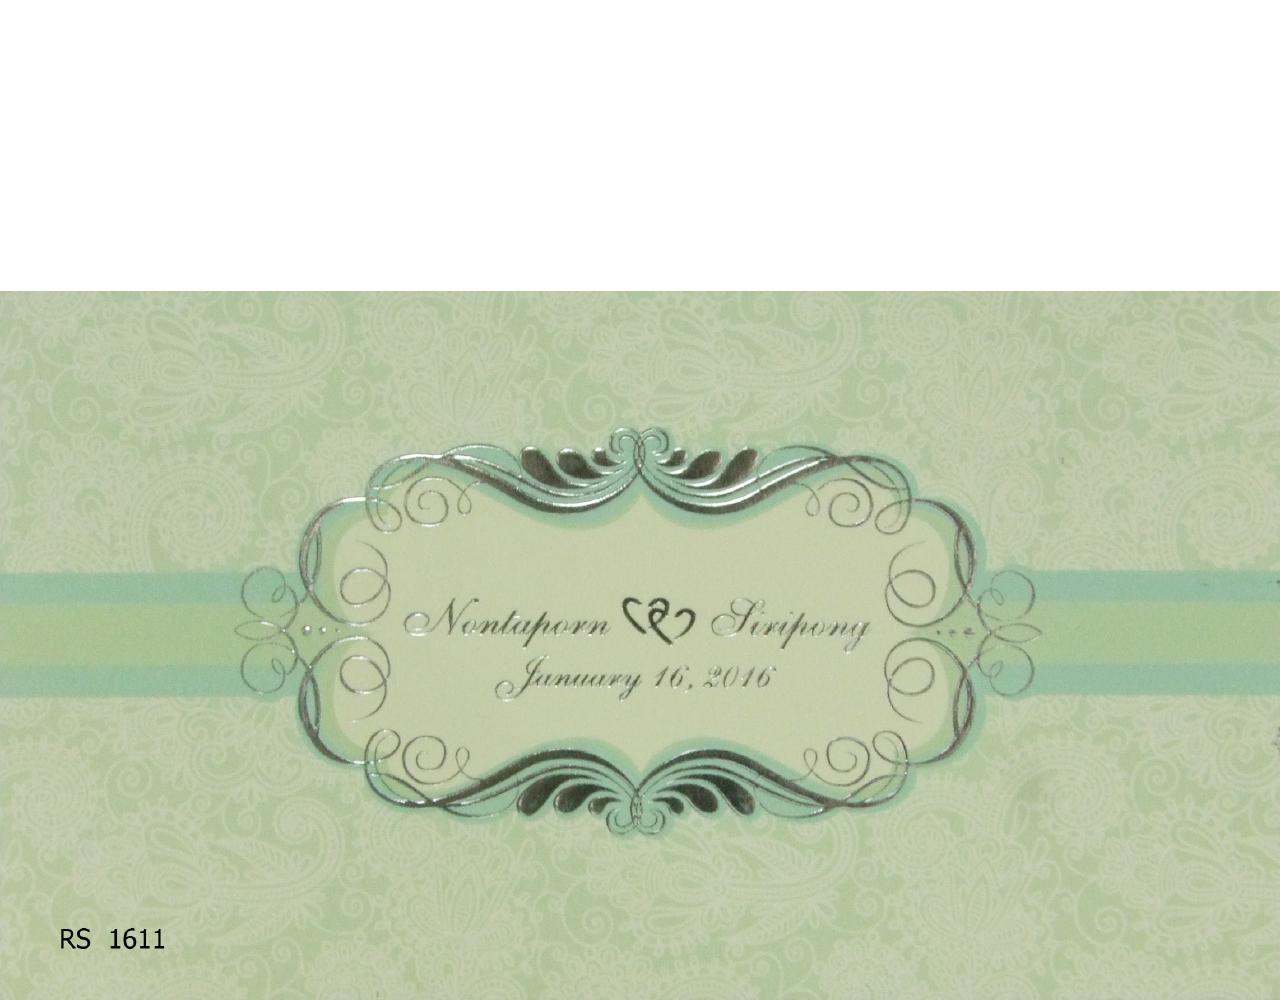 การ์ดแต่งงาน การ์ดเชิญแต่งงาน ราคาถูกๆ รูปแบบเรียบๆ สีครีมเขียว wedding card 10.5 x 18.5 cm RS.1611 ฿ 5.25